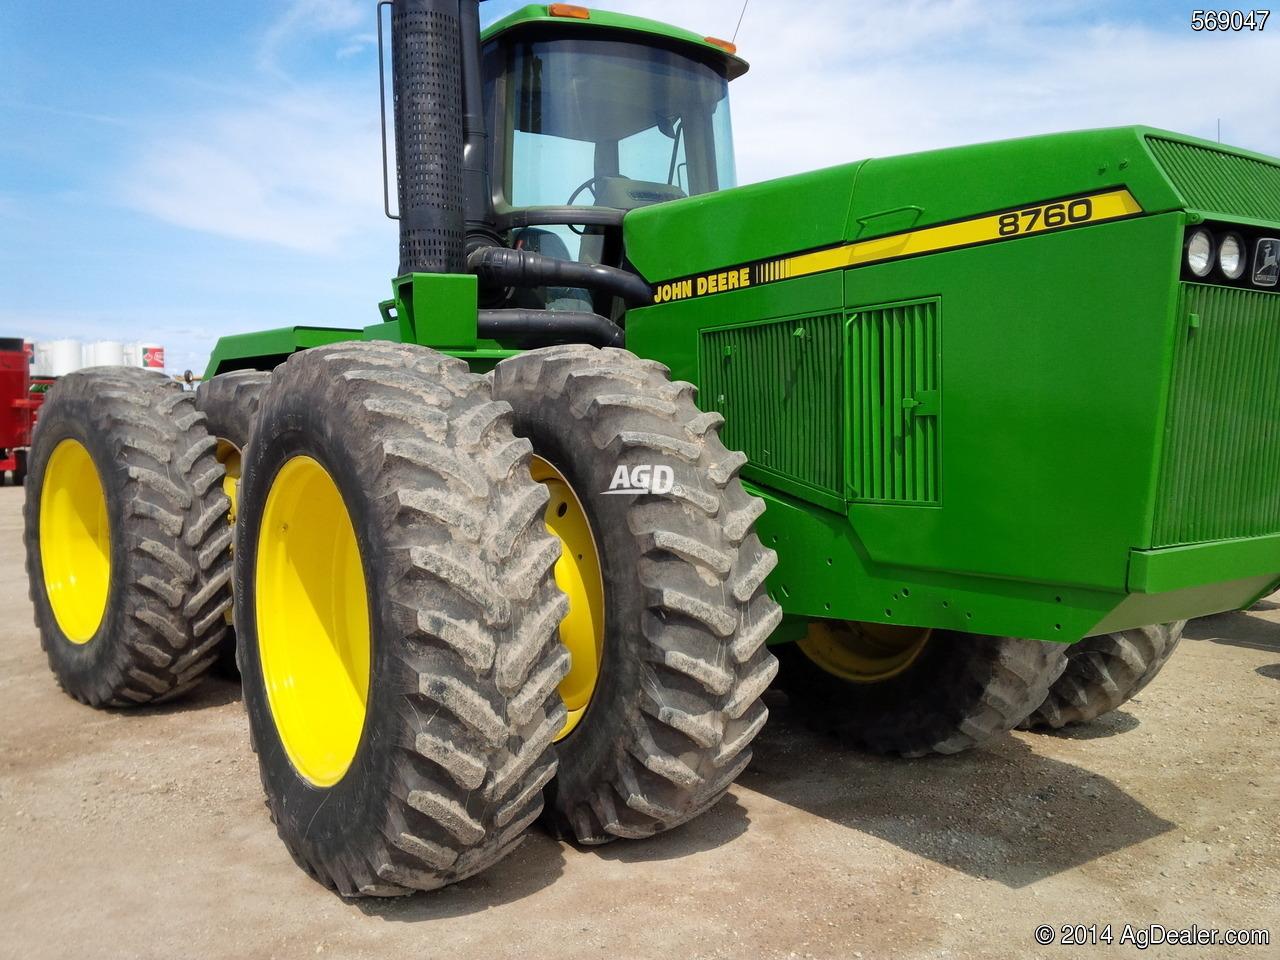 John Deere 8760 Tractor | More John Deere Tractors: More